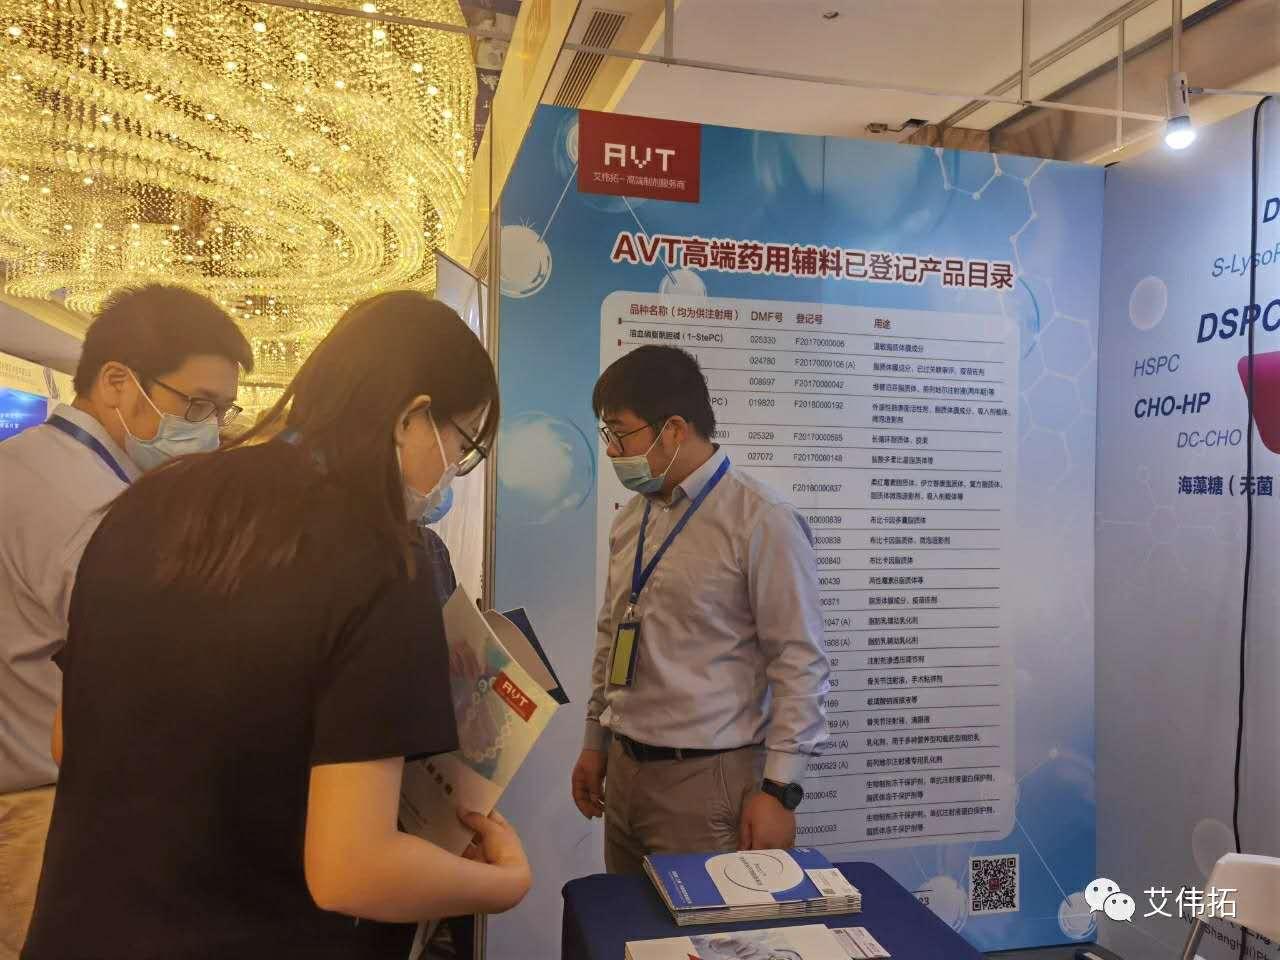 2020微纳米技术与医疗健康创新大会完美落幕丨展会回顾-艾伟拓(上海)医药科技有限公司